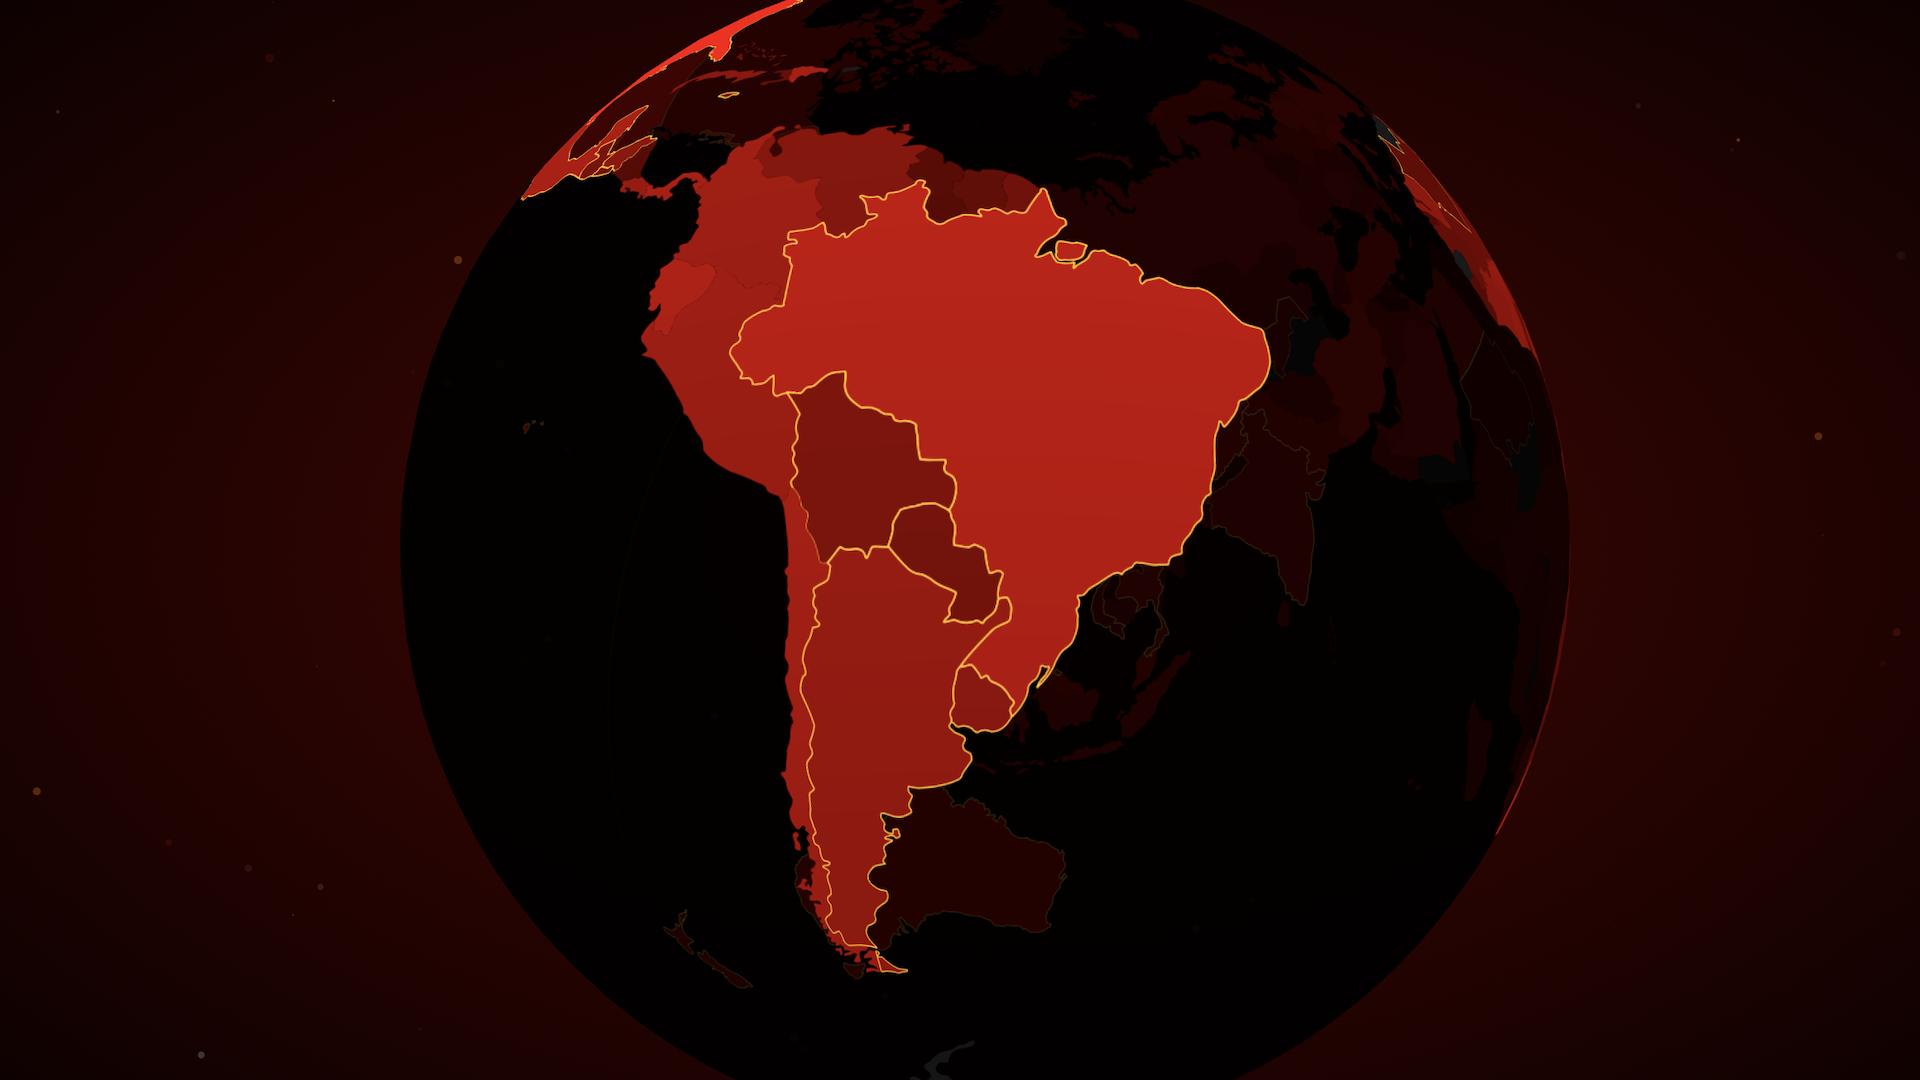 El mapa interactivo que muestra los casos de coronavirus en tiempo real